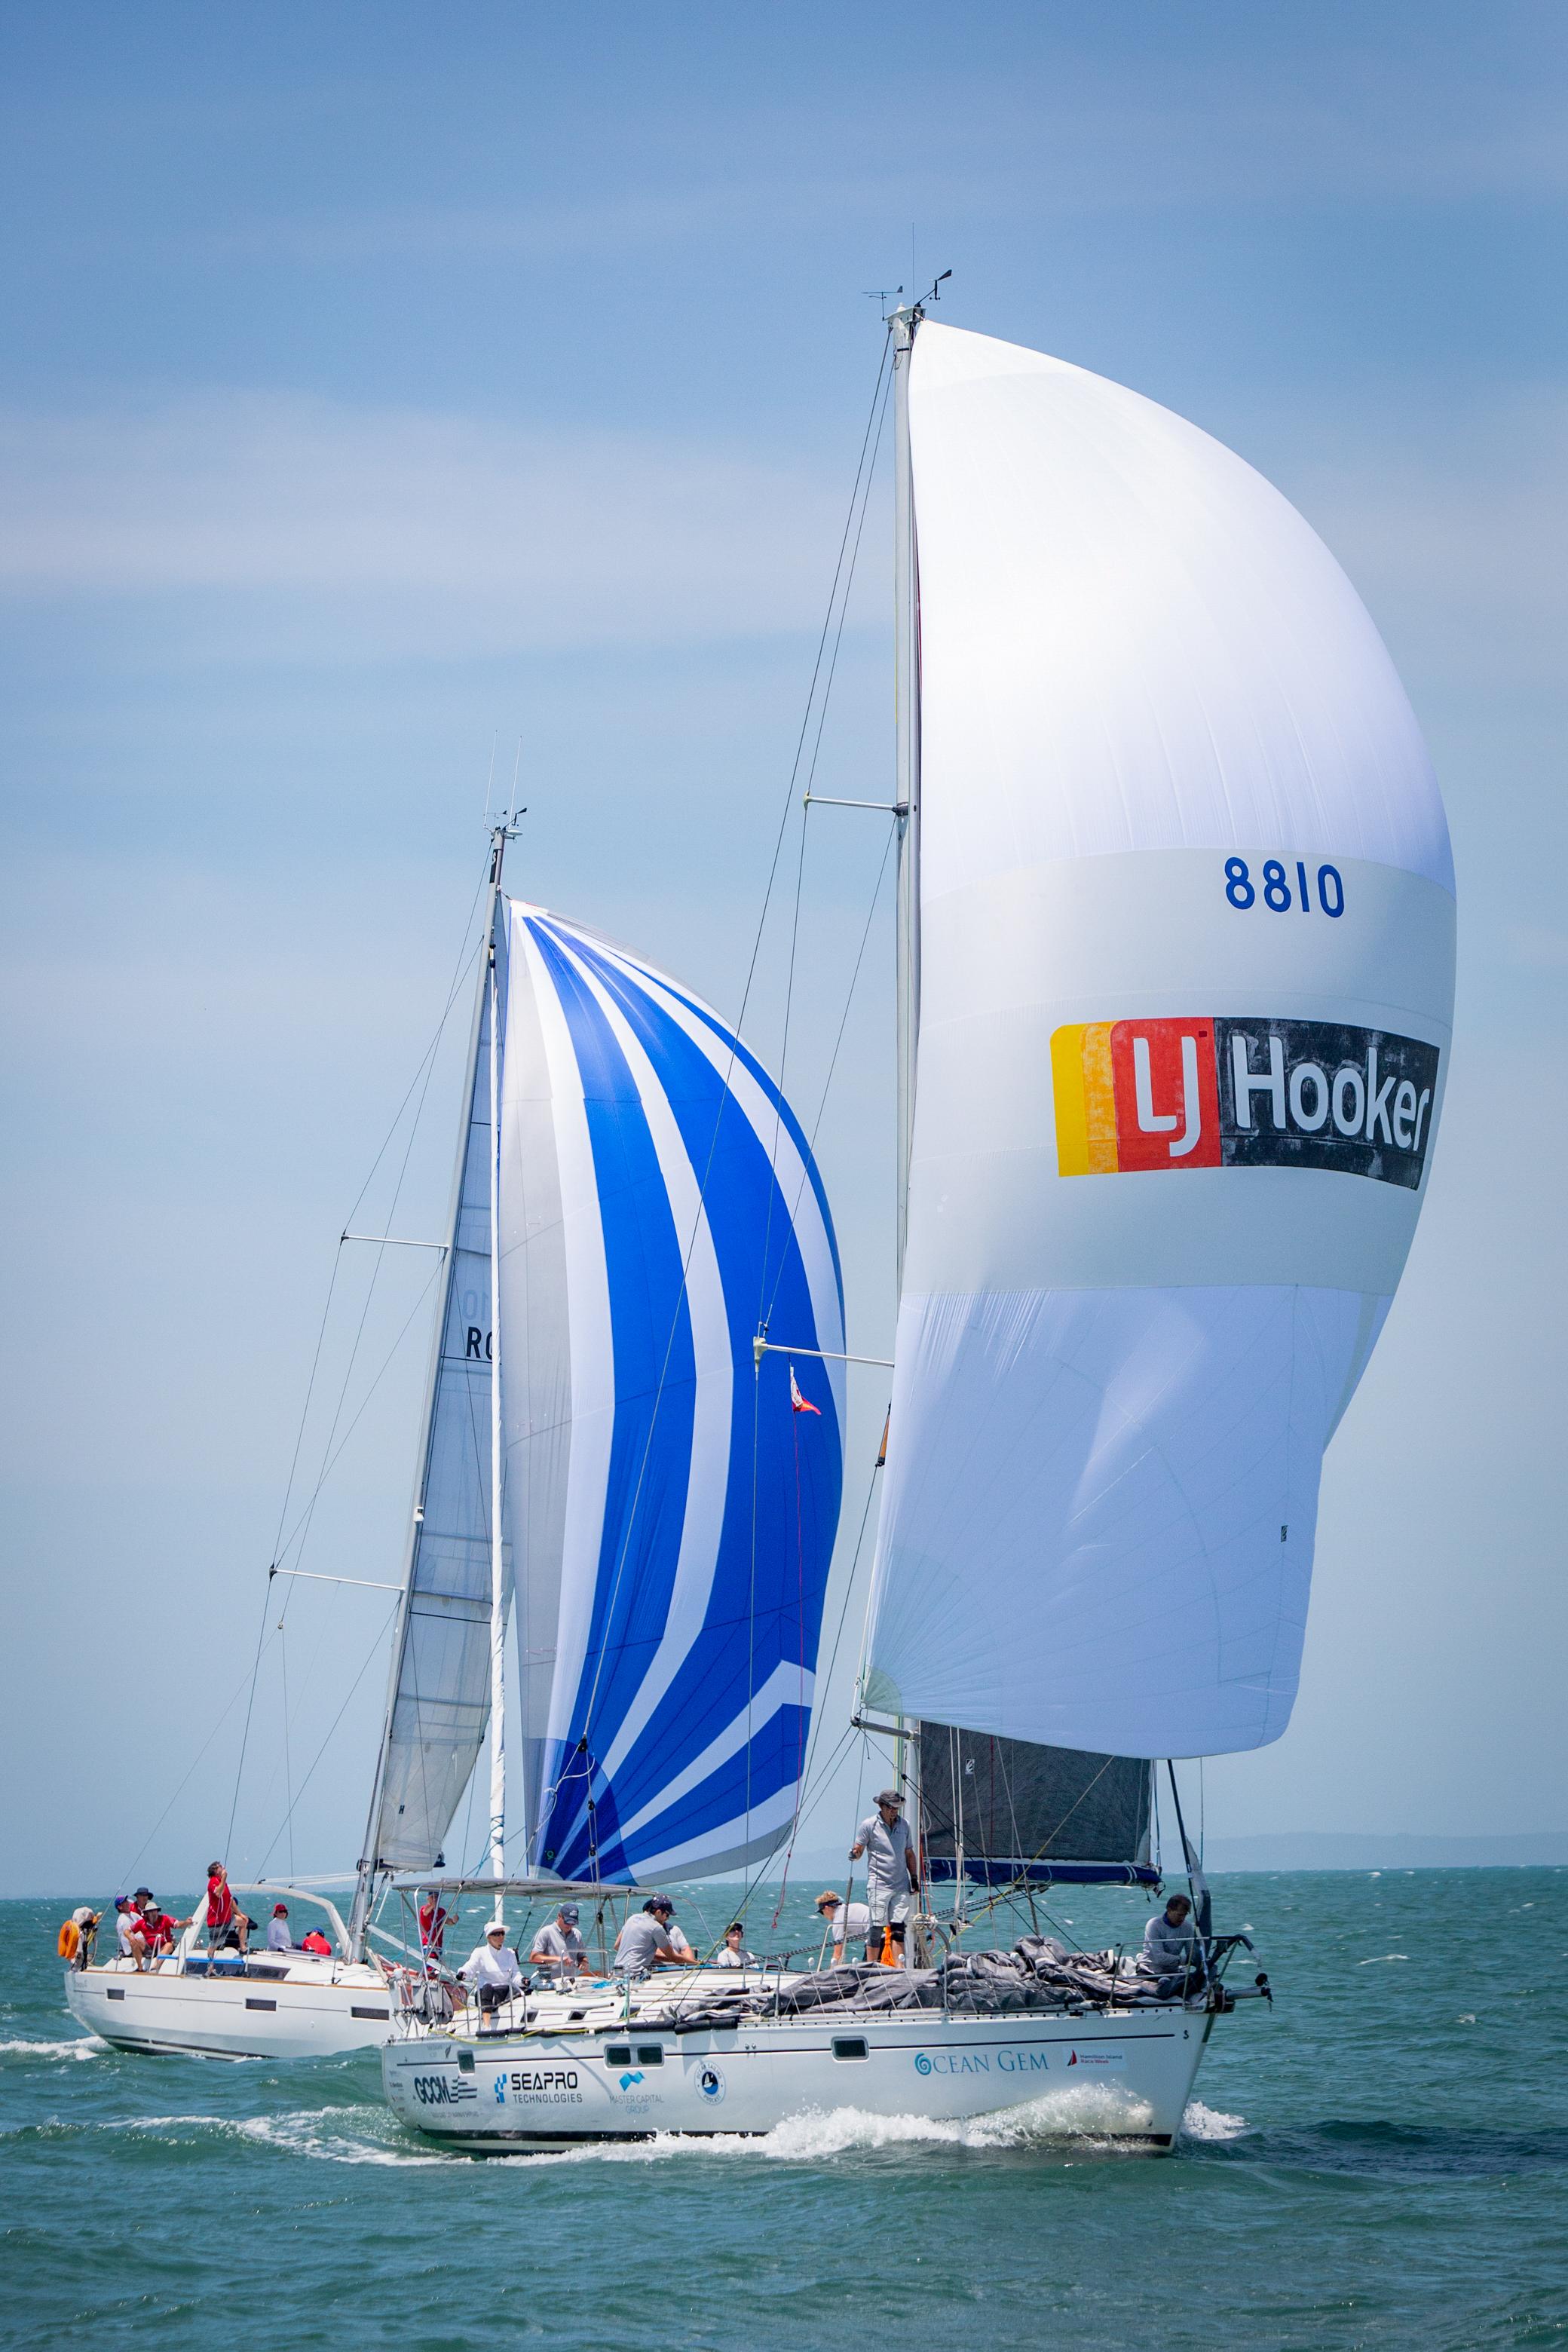 Queensland Beneteau Cup 2016 - The Yacht Brokerage